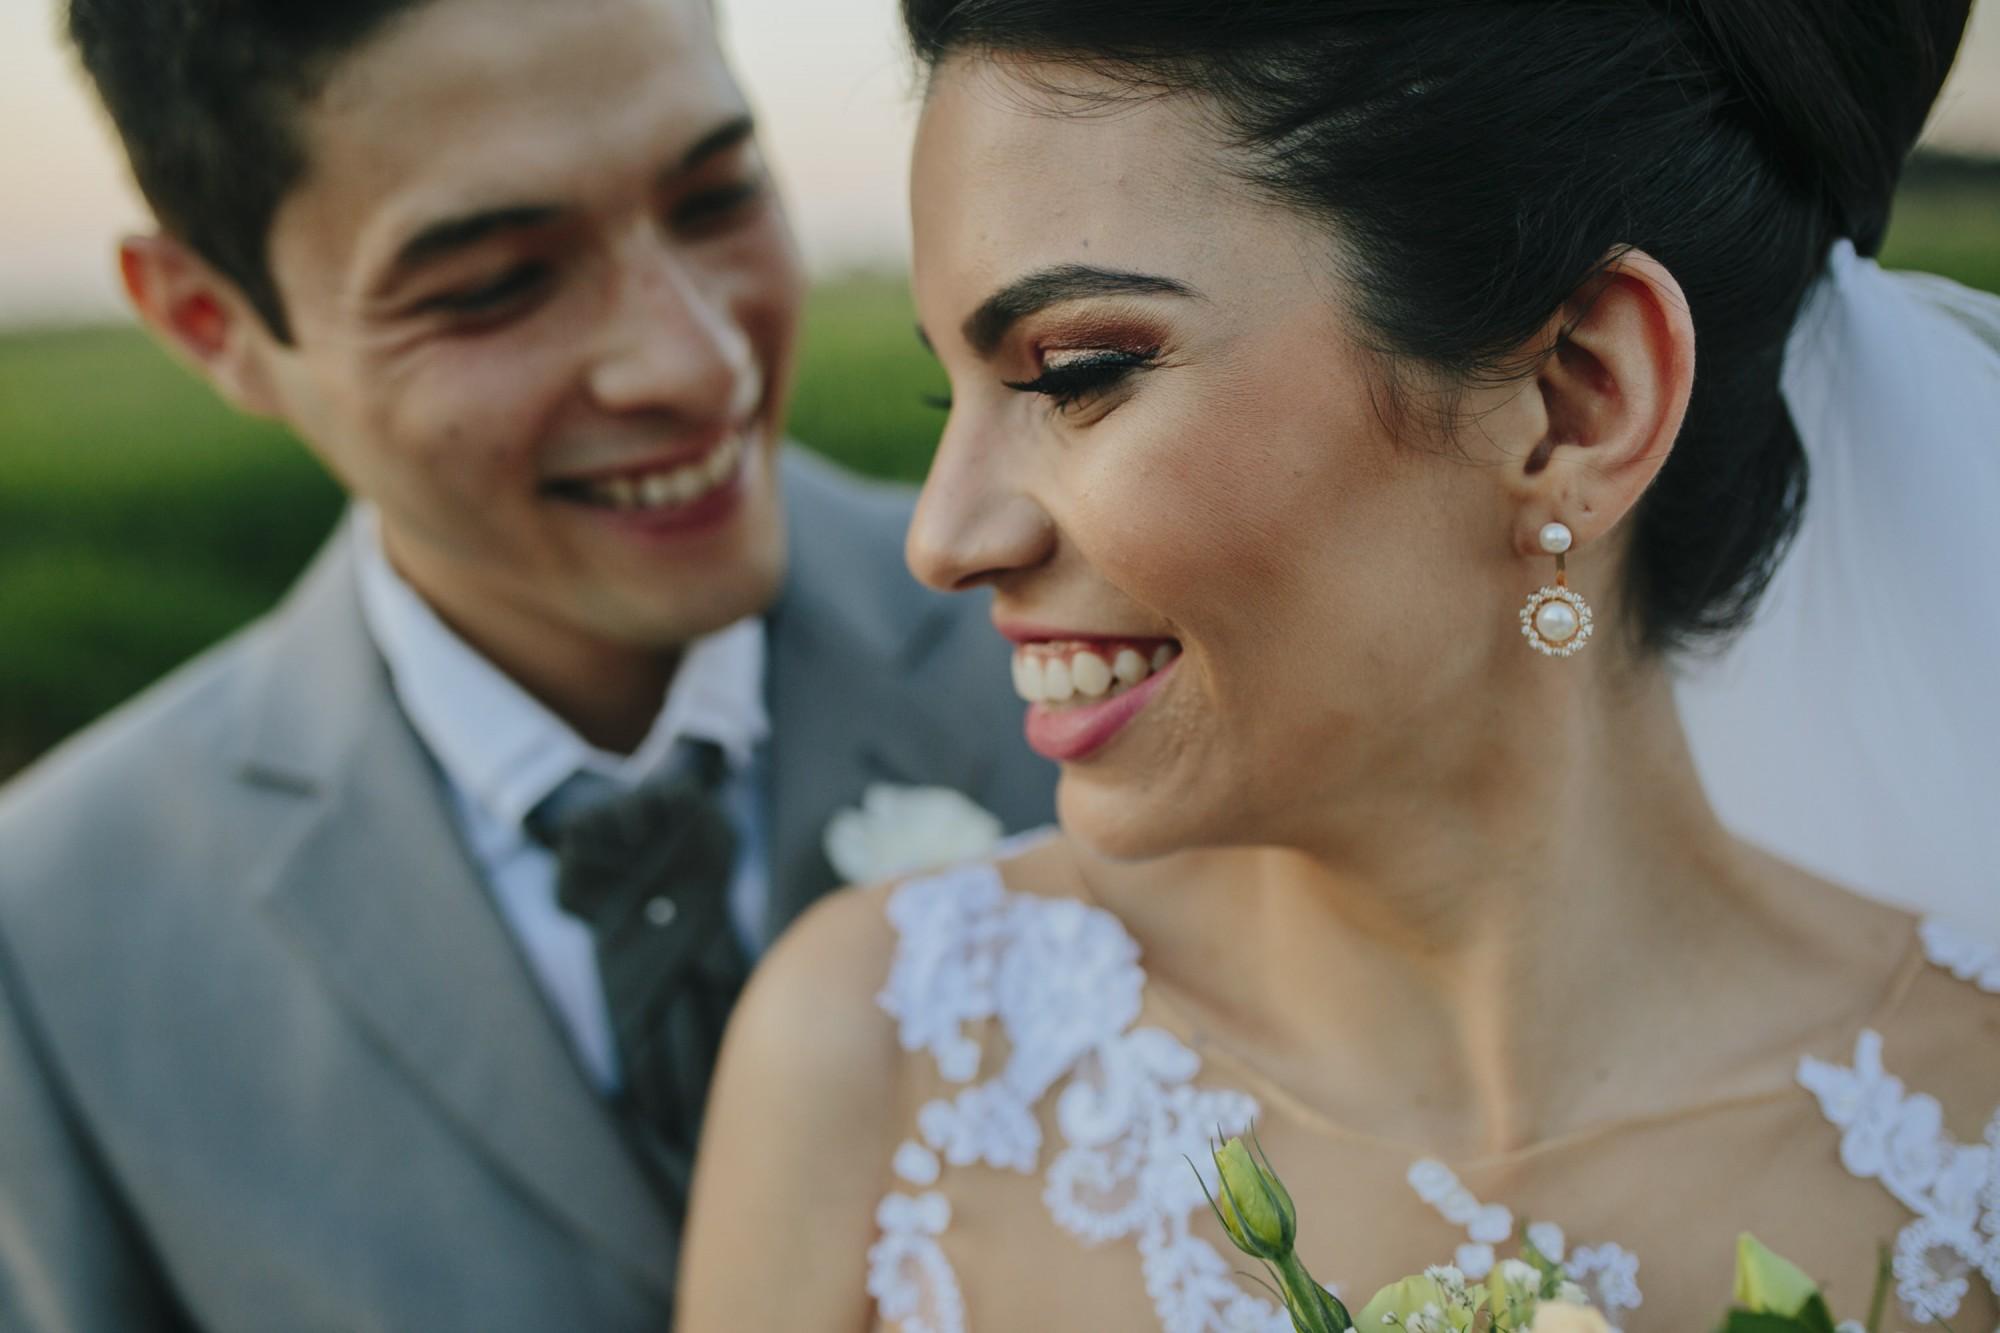 Casamento Camila Rampim e Rafael em Terra Roxa - Paraná - por Lorran Souza e Léia Sotile - fotografos de casamentos - 44